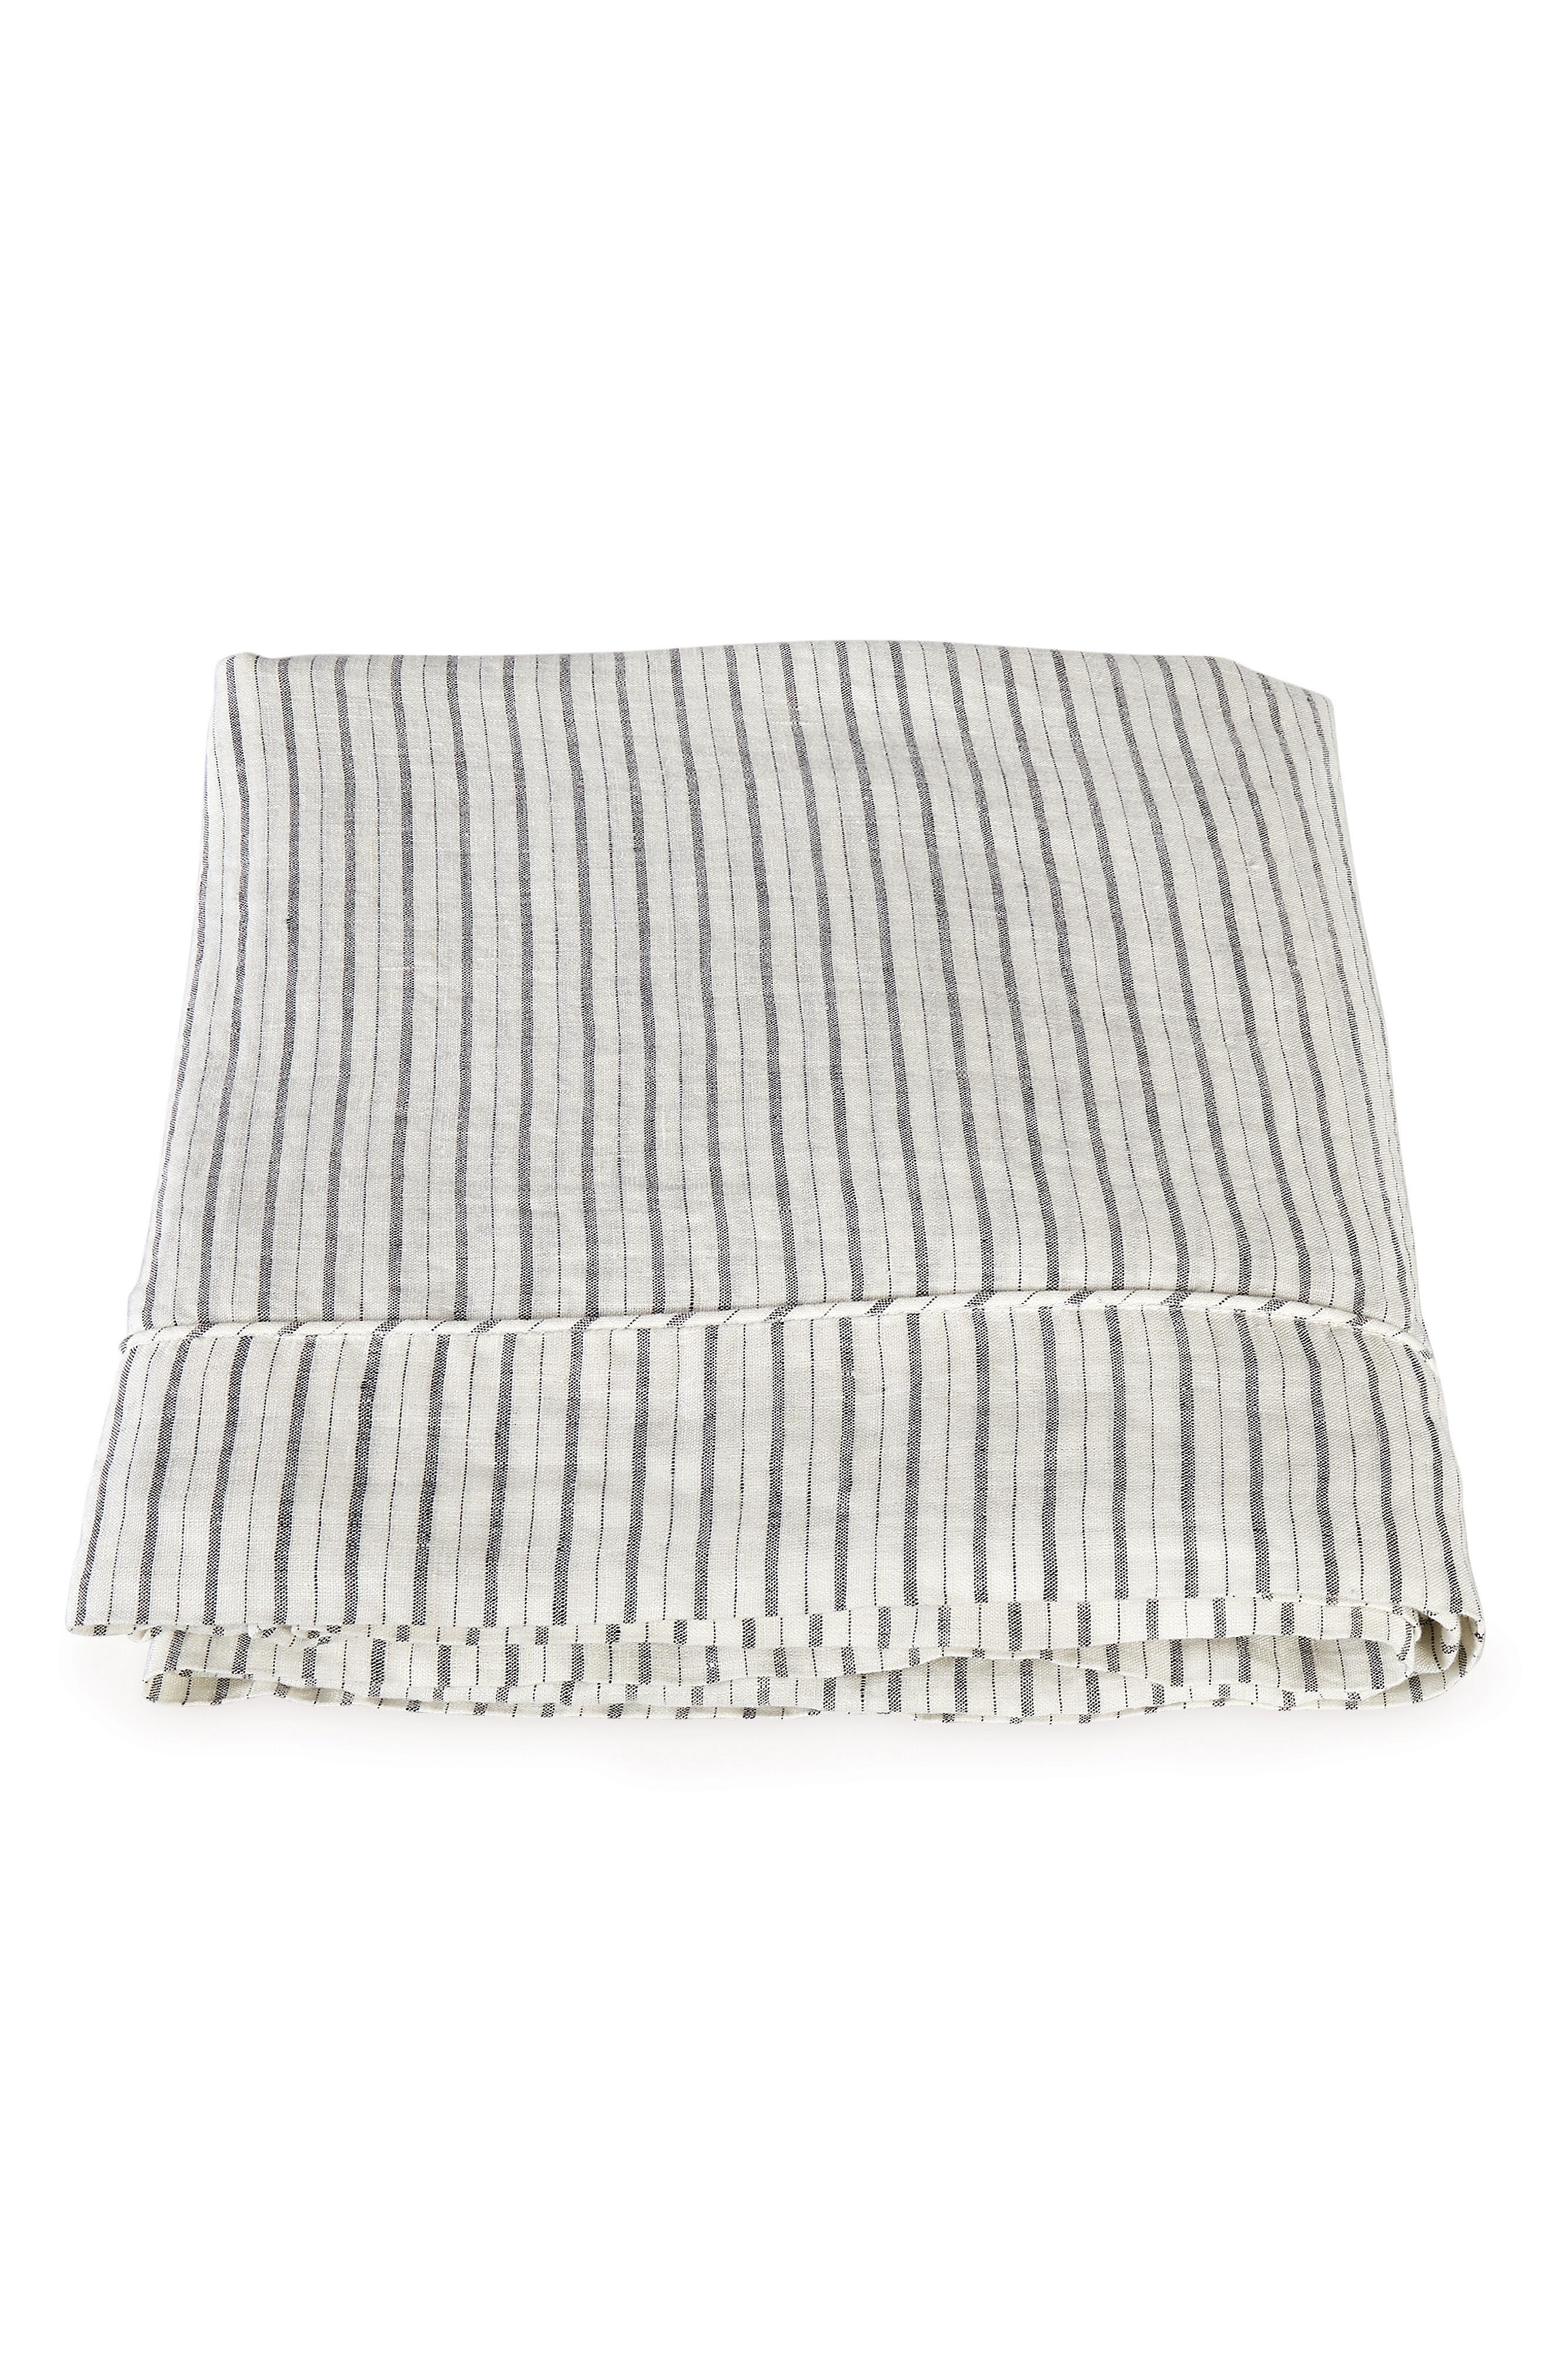 Matouk Tristen Linen Flat Sheet Size FullQueen  White